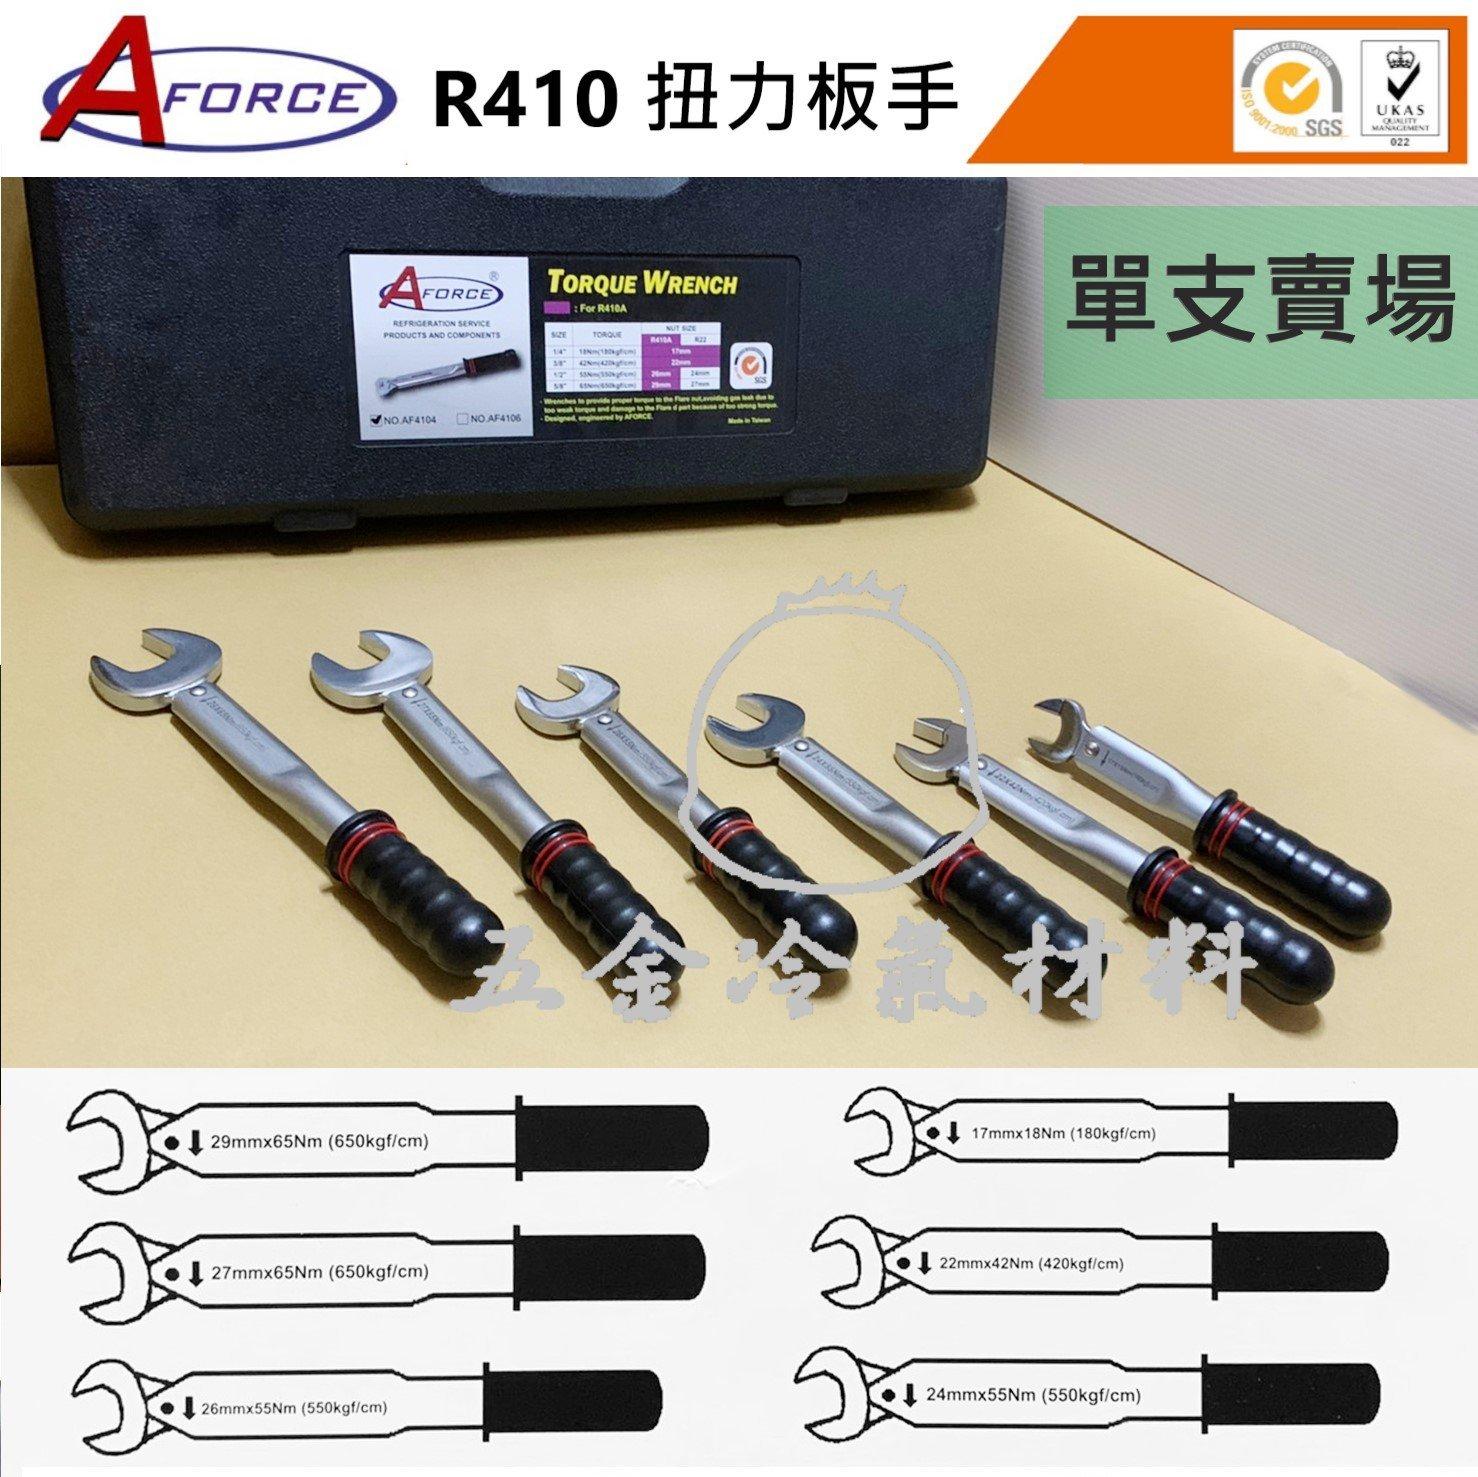 台灣AFORCE R410 R22 兩分板手 高扭力 冷媒 R410 扭力扳手 銅管 接頭 配管 冷凍 冷氣 空調